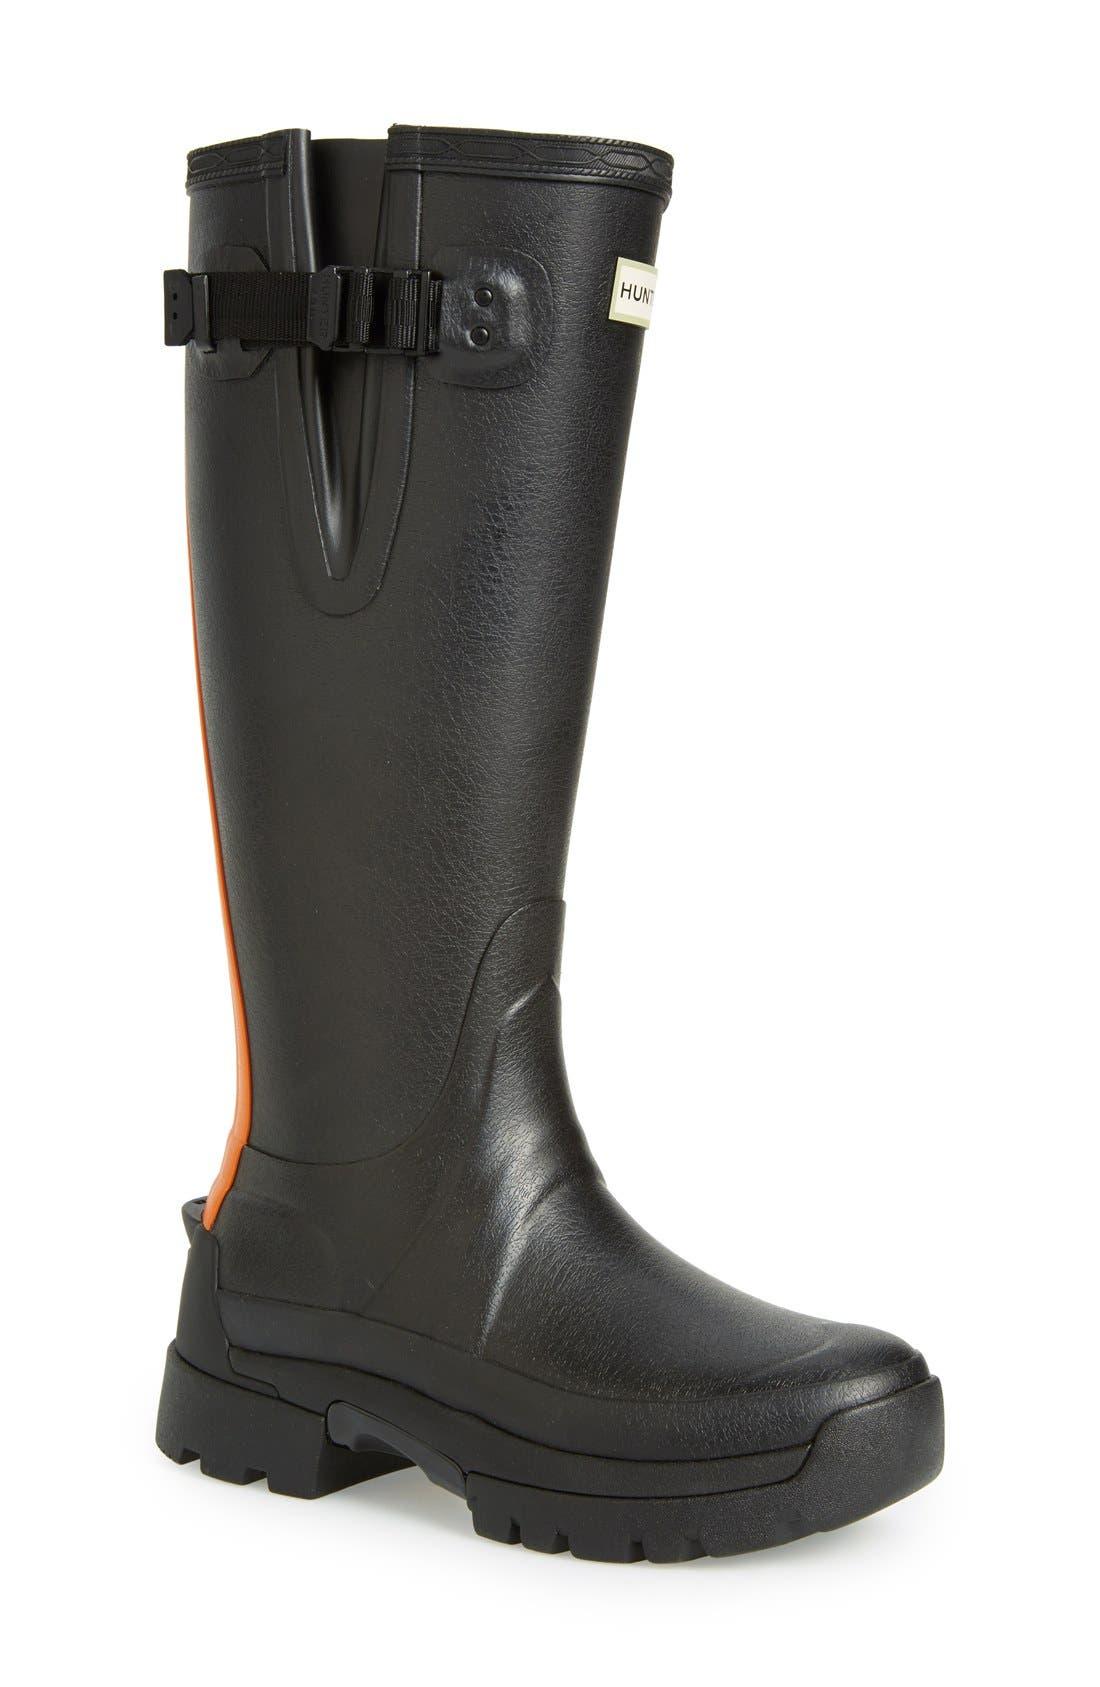 Alternate Image 1 Selected - Hunter 'Balmoral II' Rain Boot (Women)